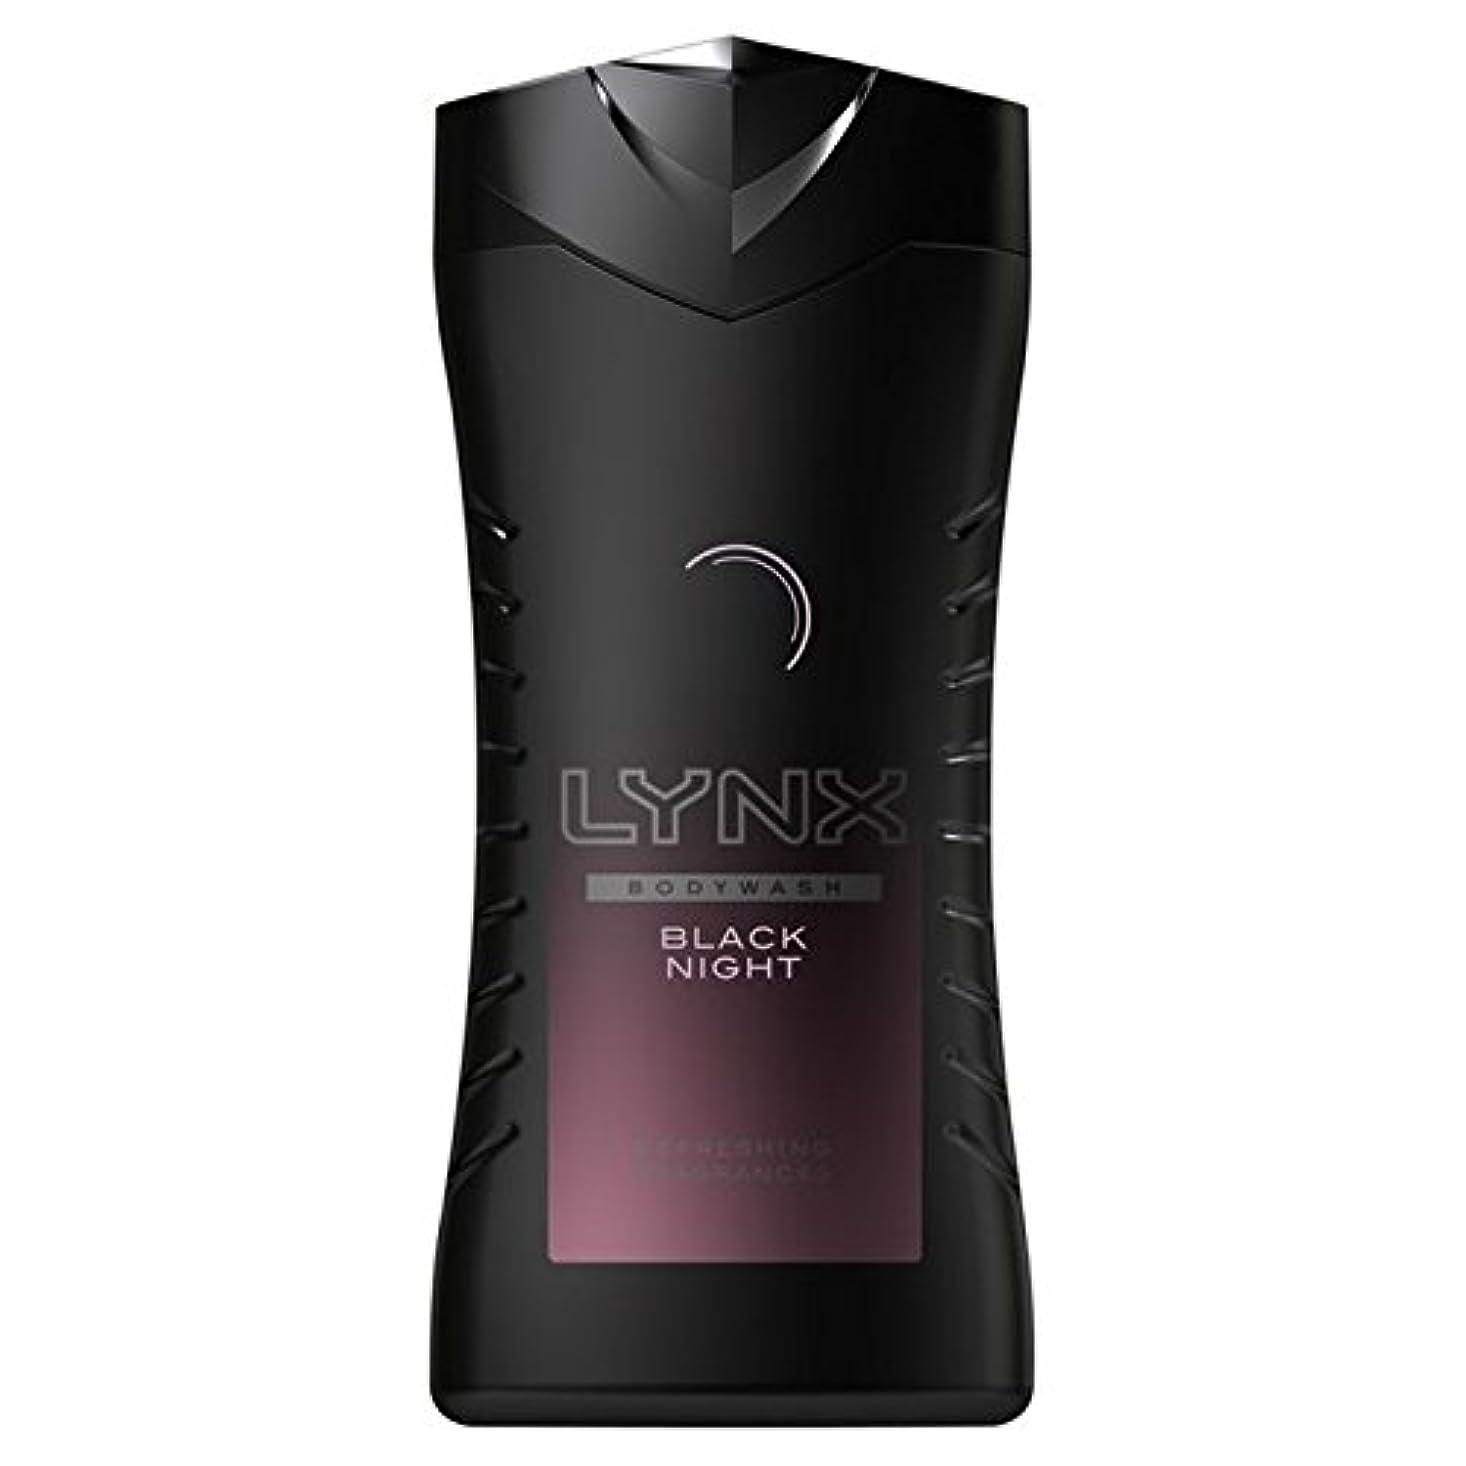 検出する文法西オオヤマネコ黒夜シャワージェル250ミリリットル x2 - Lynx Black Night Shower Gel 250ml (Pack of 2) [並行輸入品]